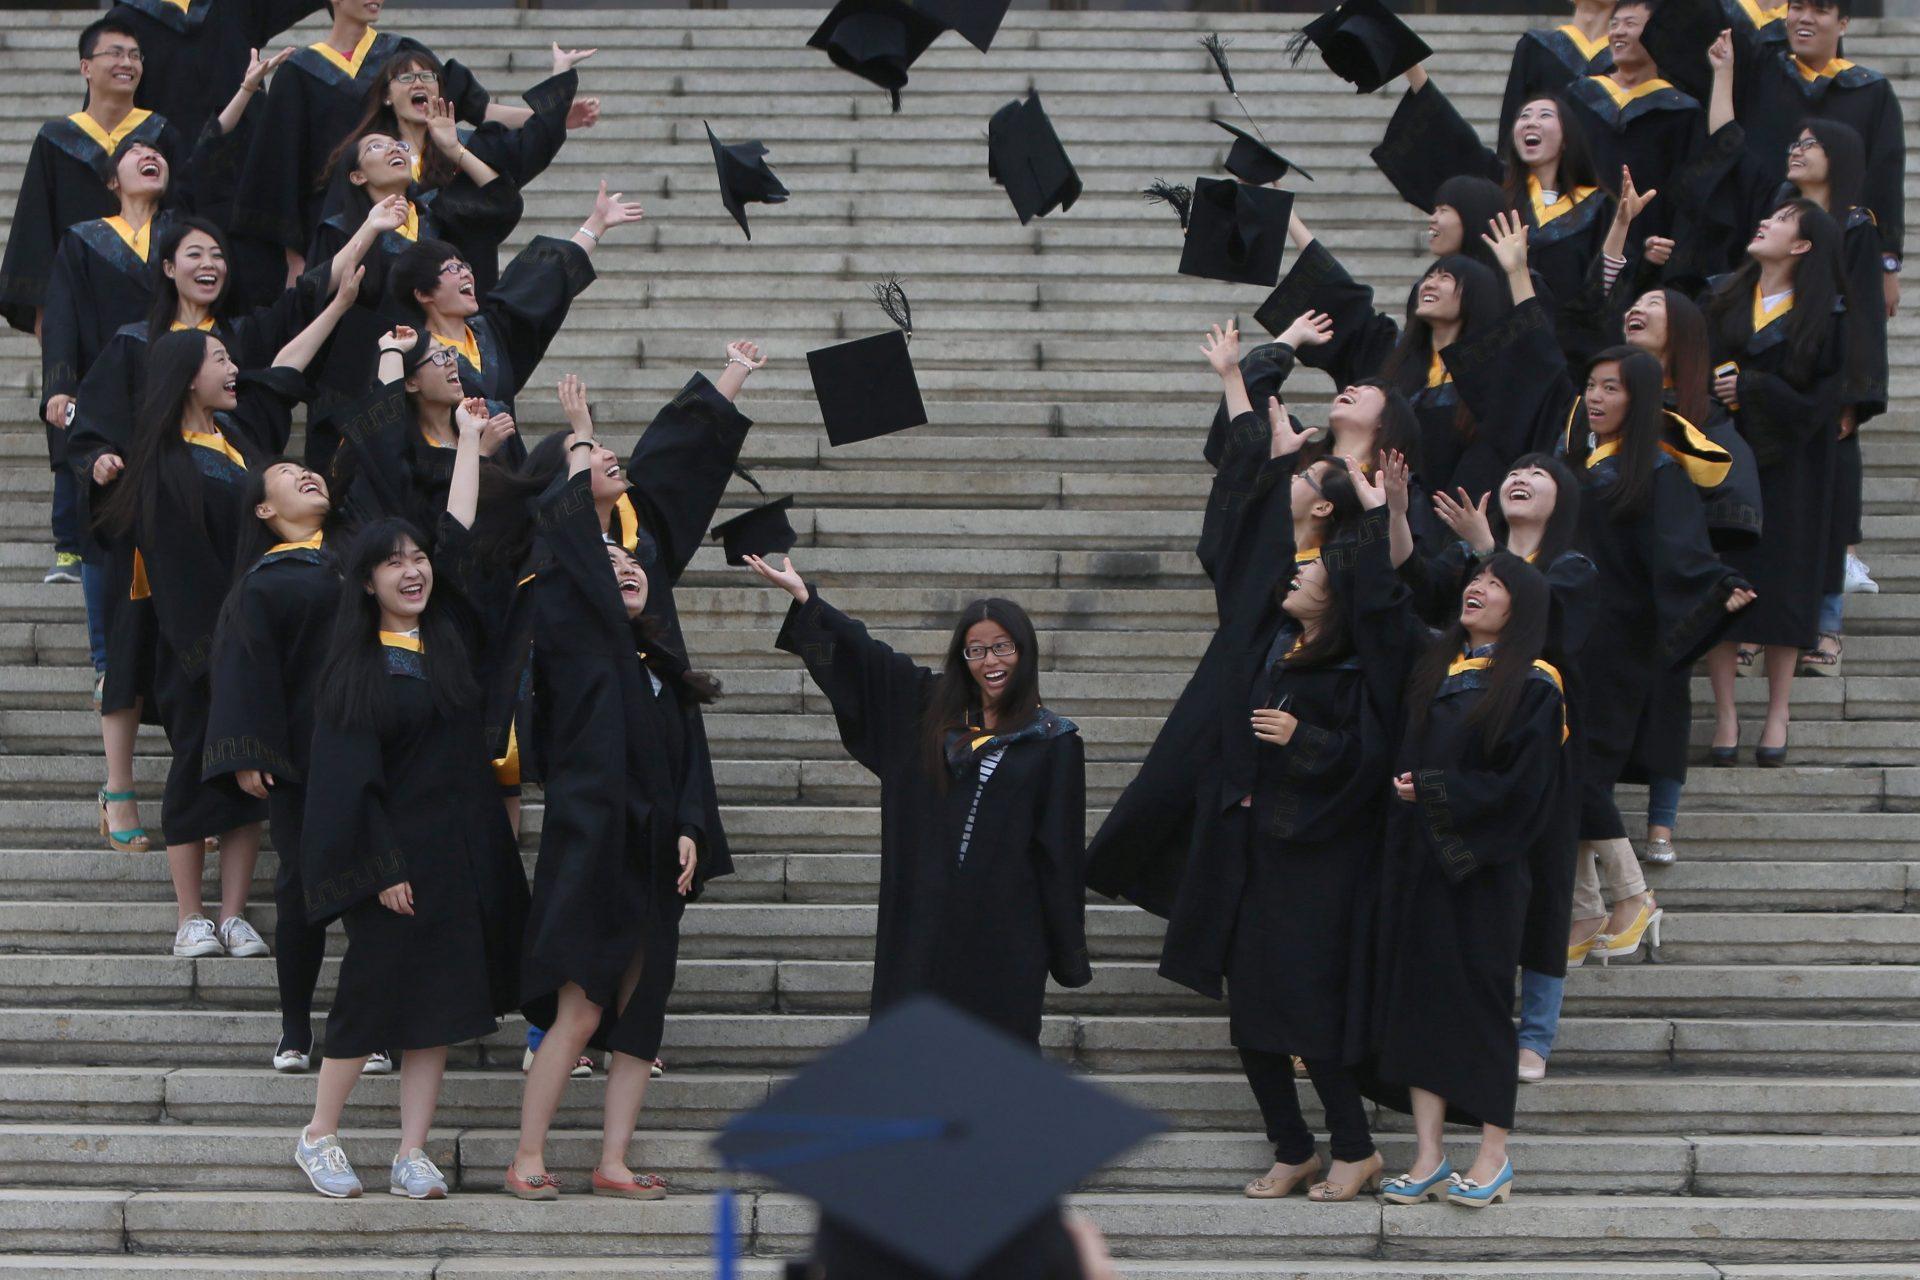 Prémio Tomás Pereira distingue os melhores estudantes de português na China